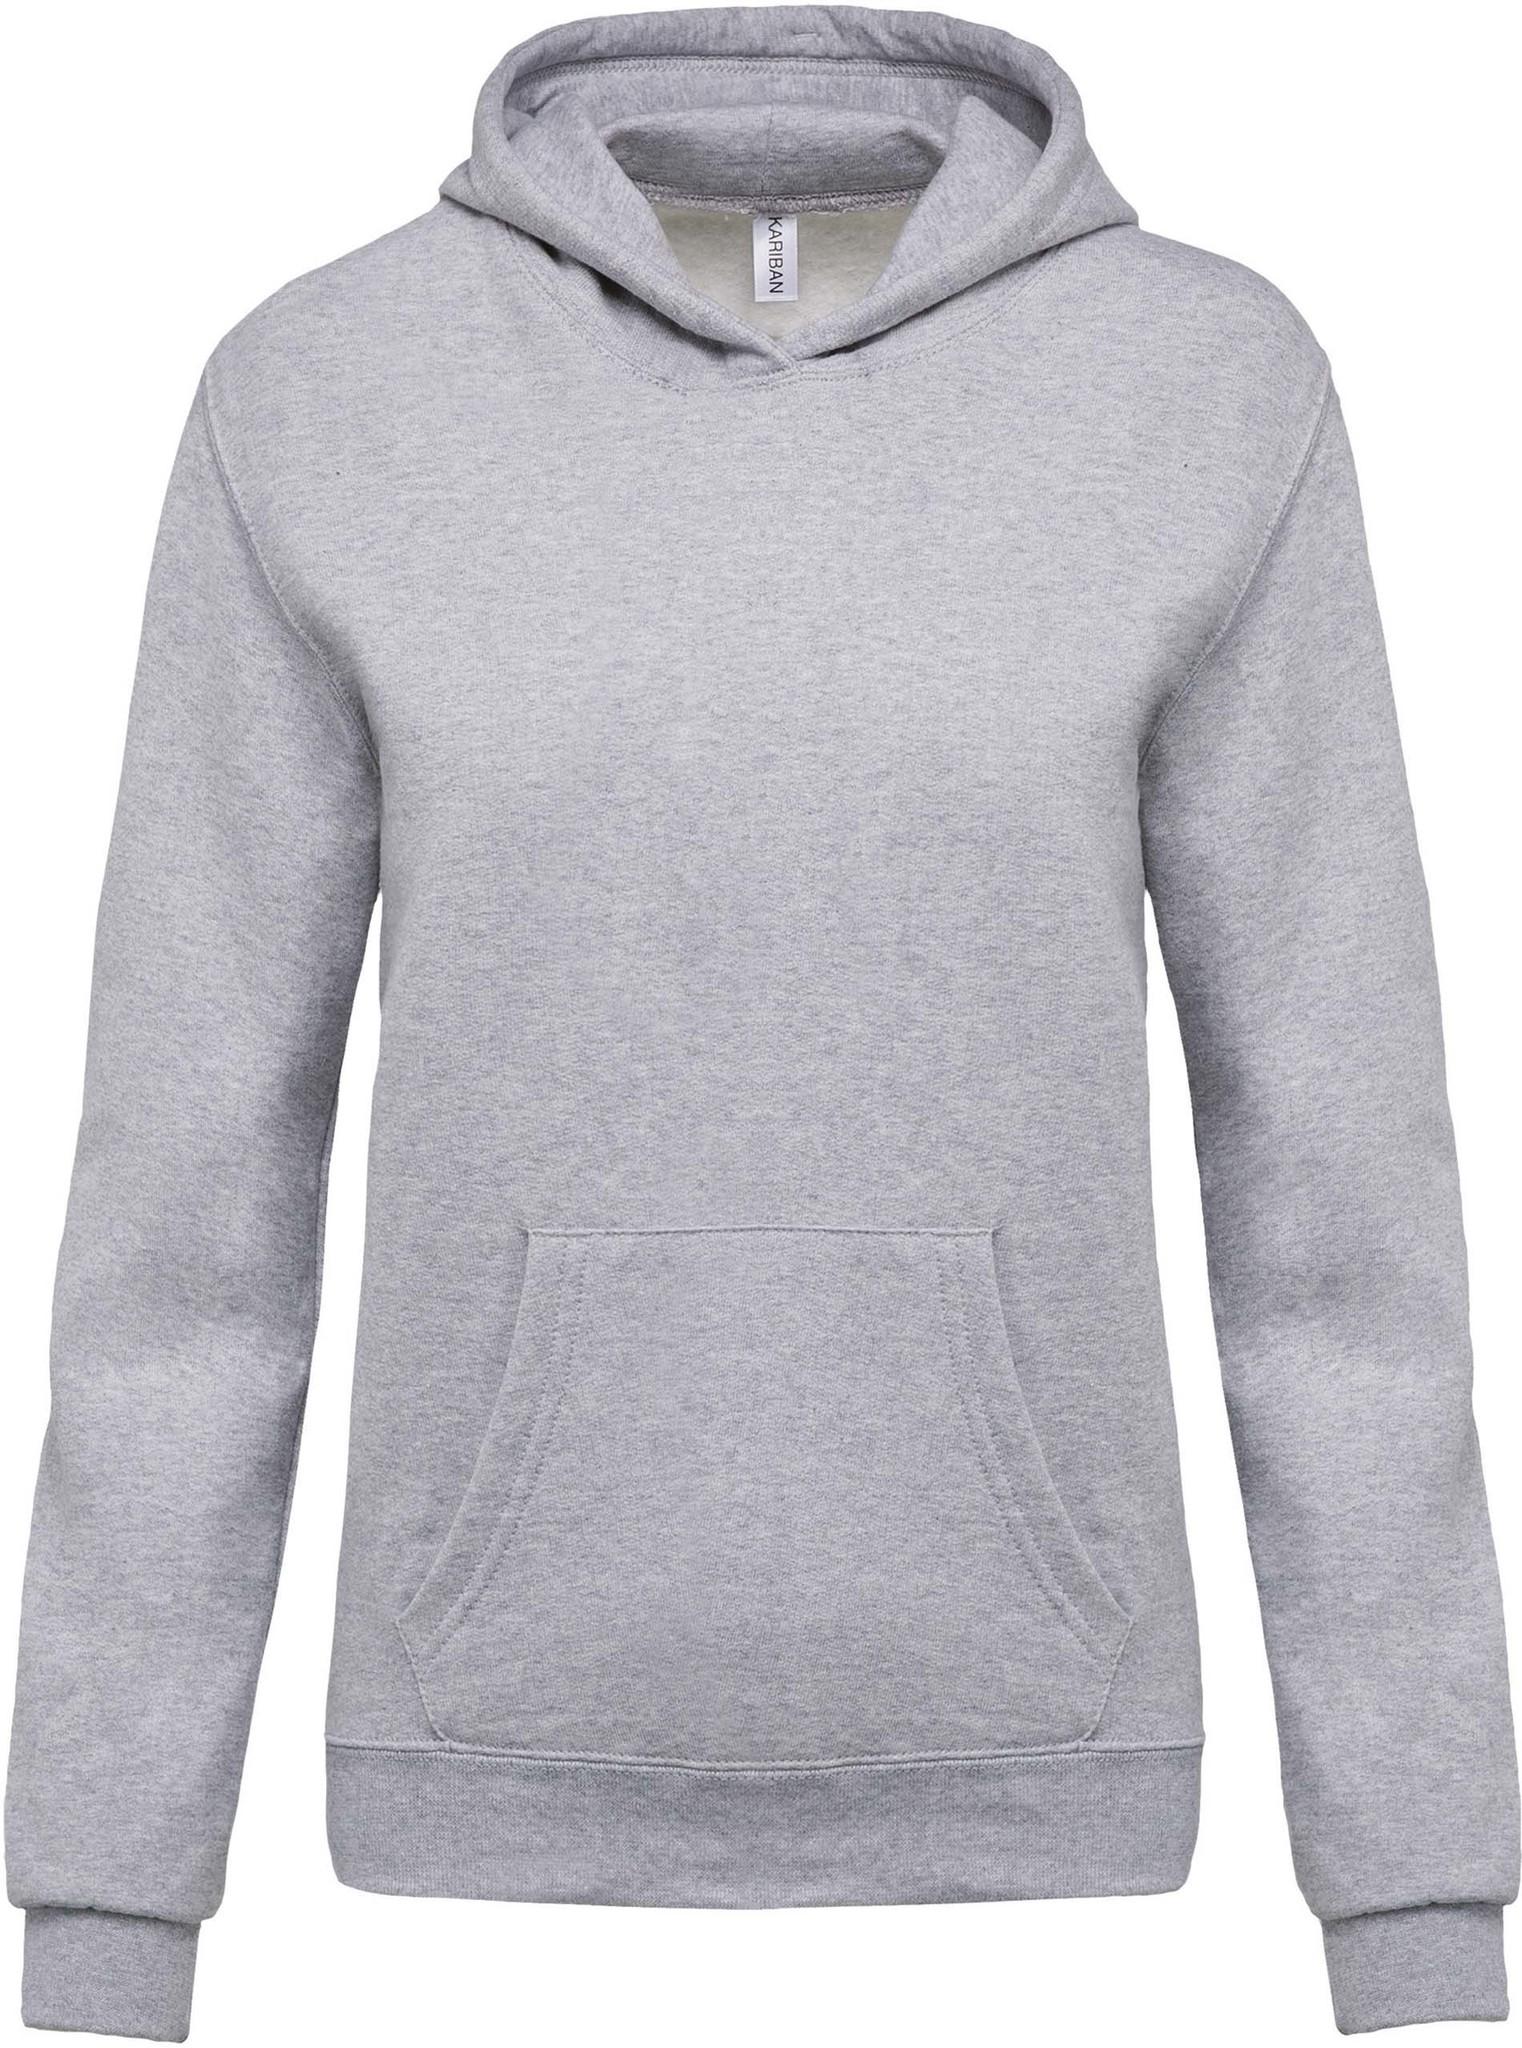 Kariban Kariban - Hooded Sweater - kids